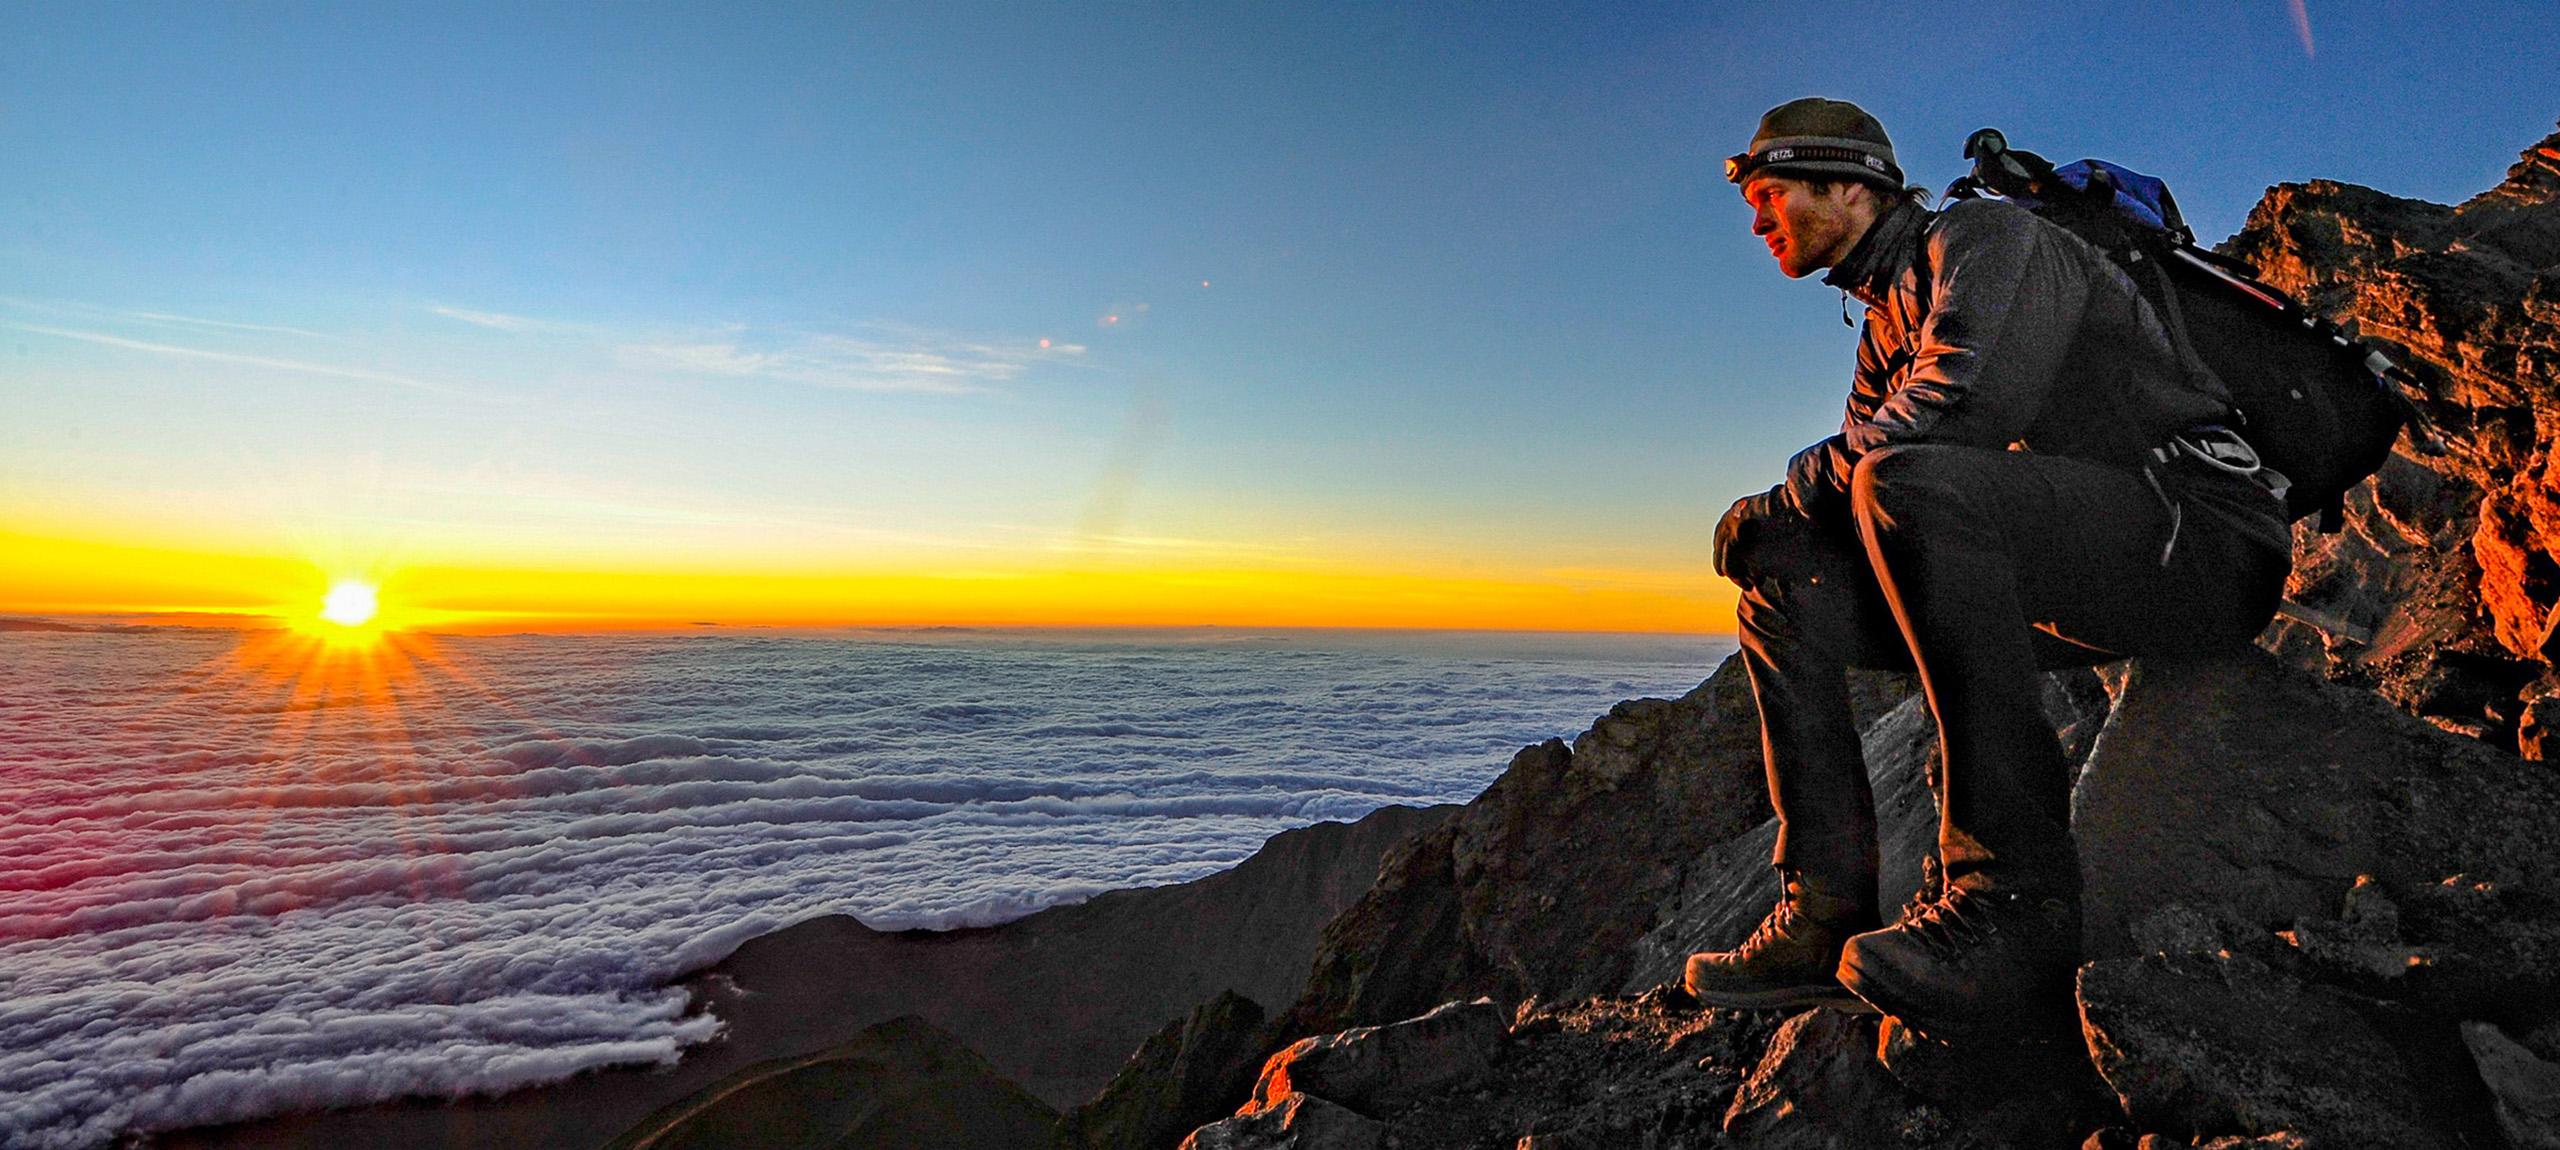 climb-kilimanjaro-the-right-way2